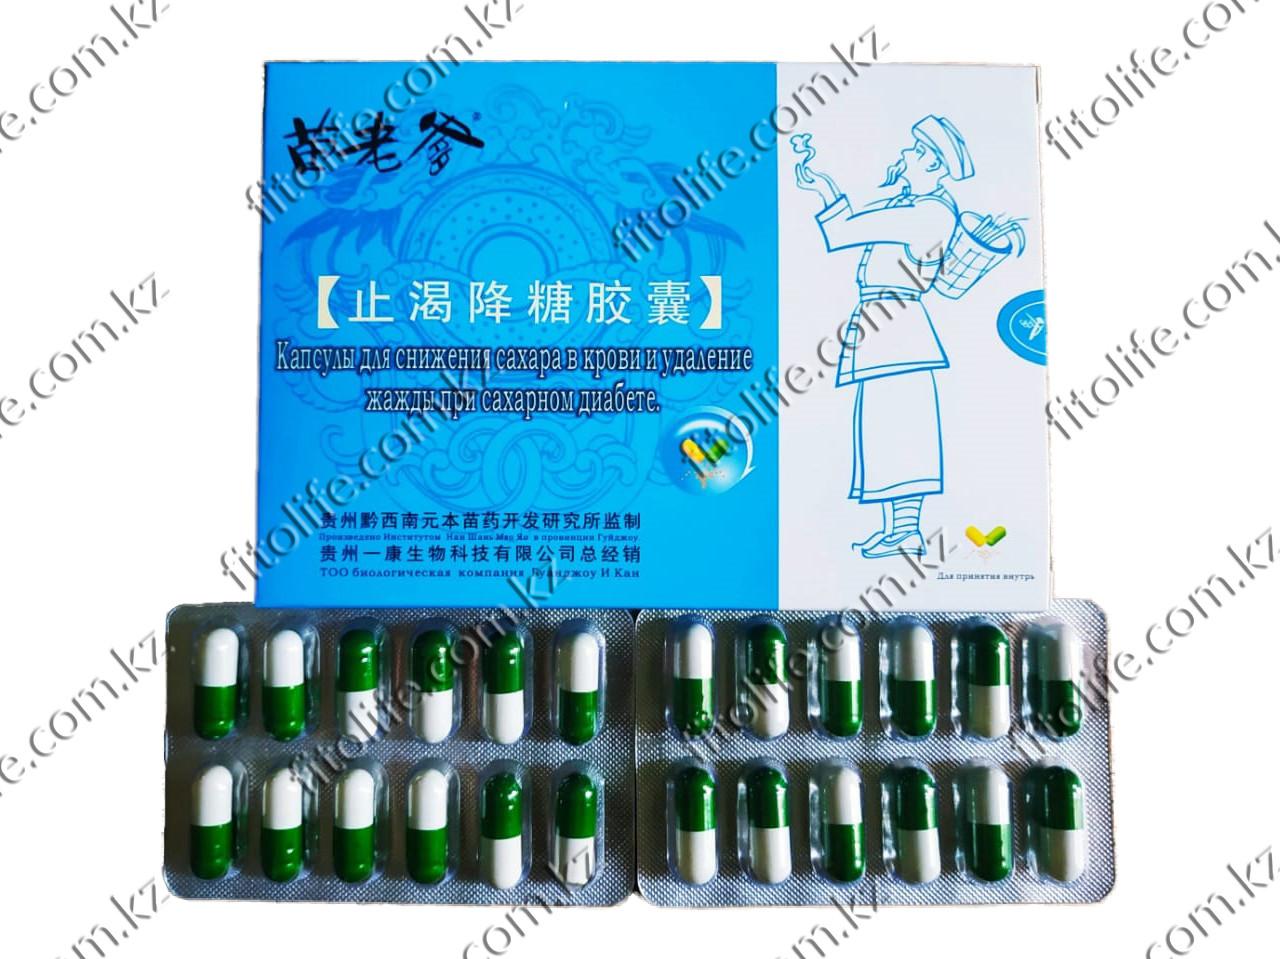 Капсулы для снижения сахара в крови и утоления жажды при сахарном диабете